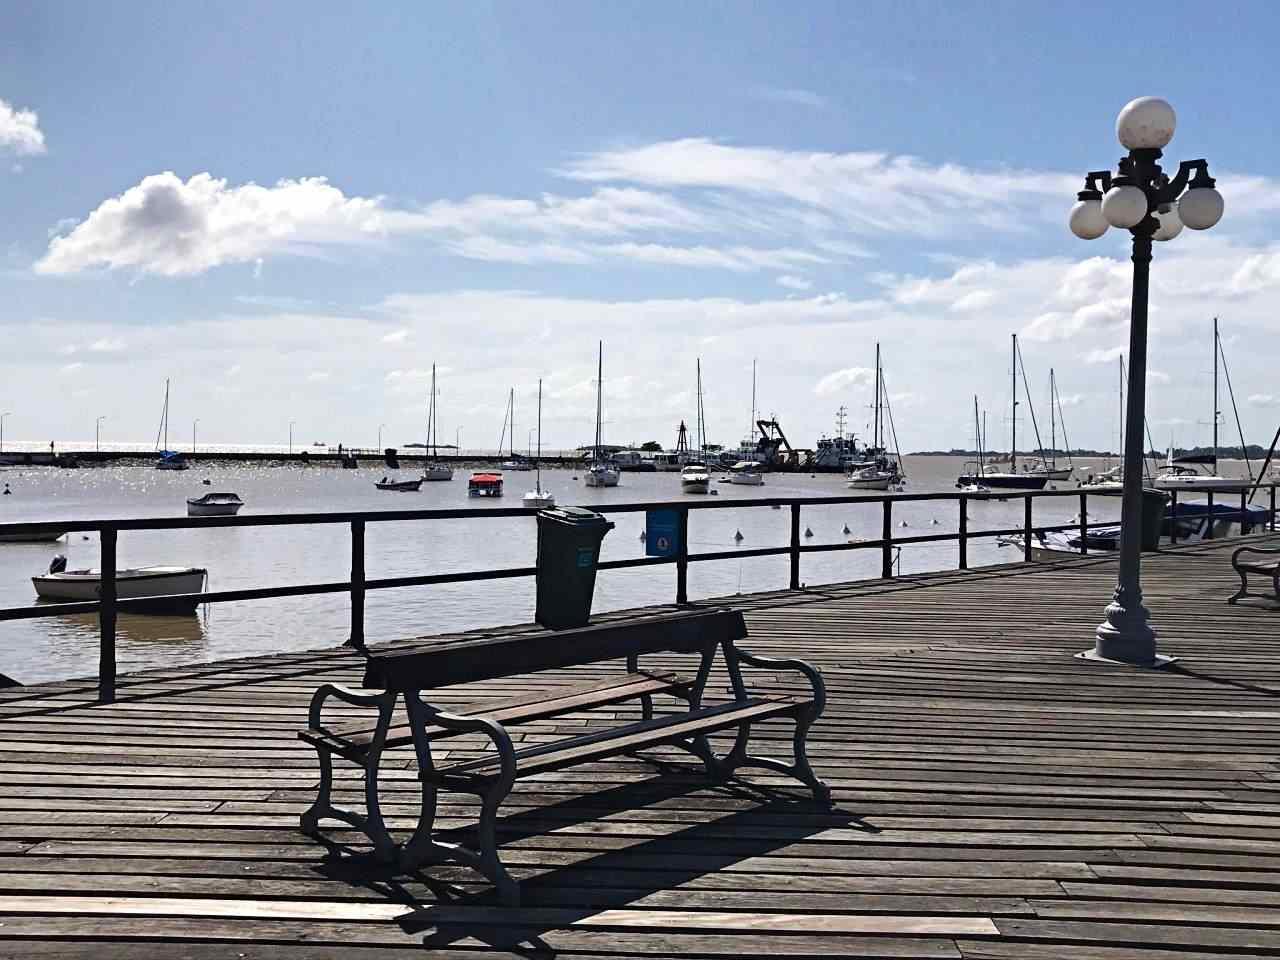 Puerto de Yates Colonia del Sacramento Uruguai